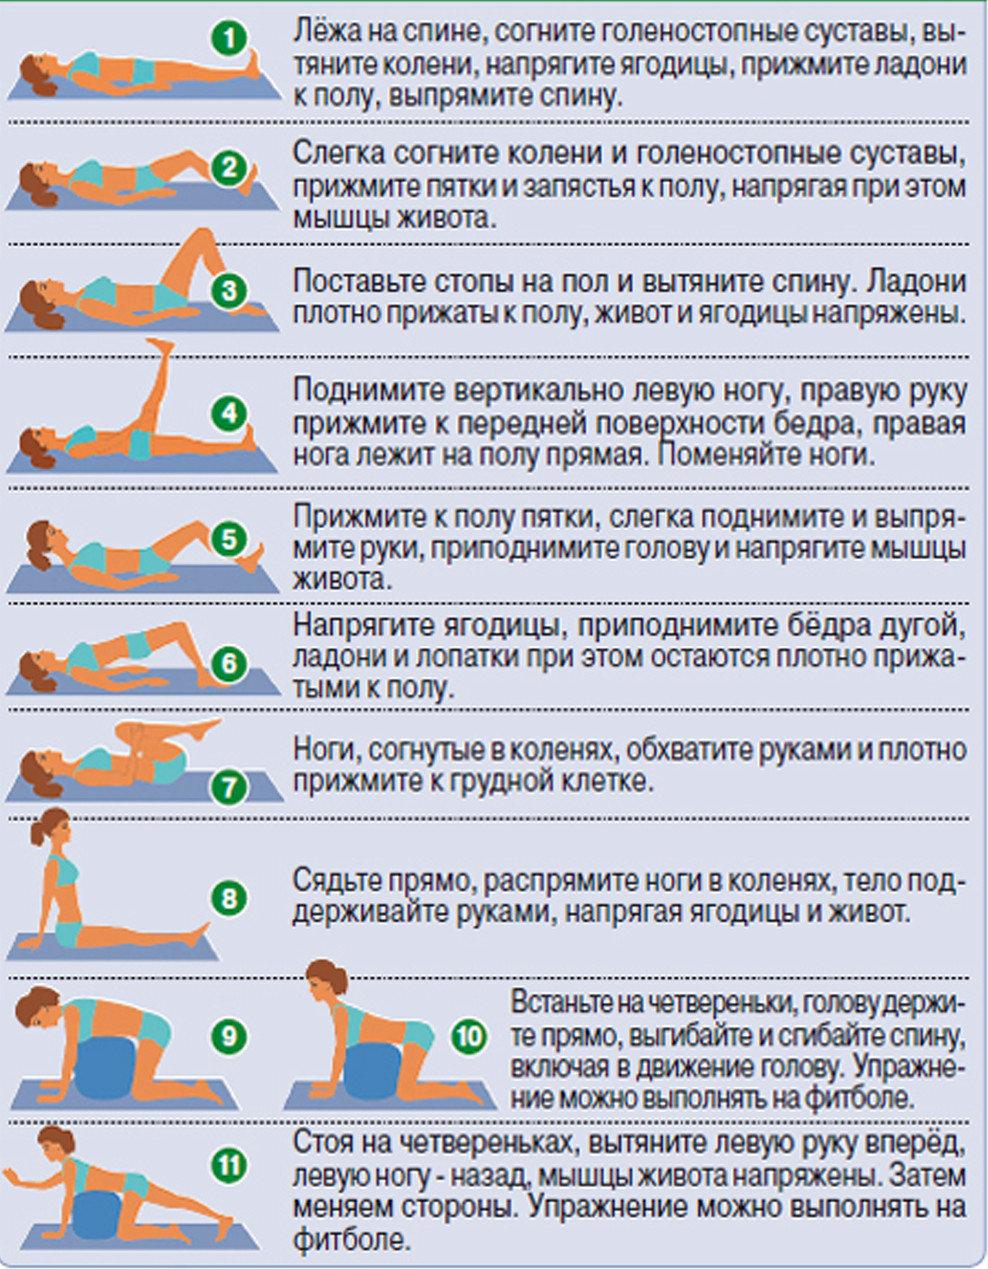 Синдром конского хвоста: основные причины, симптомы, диагноз, лечение